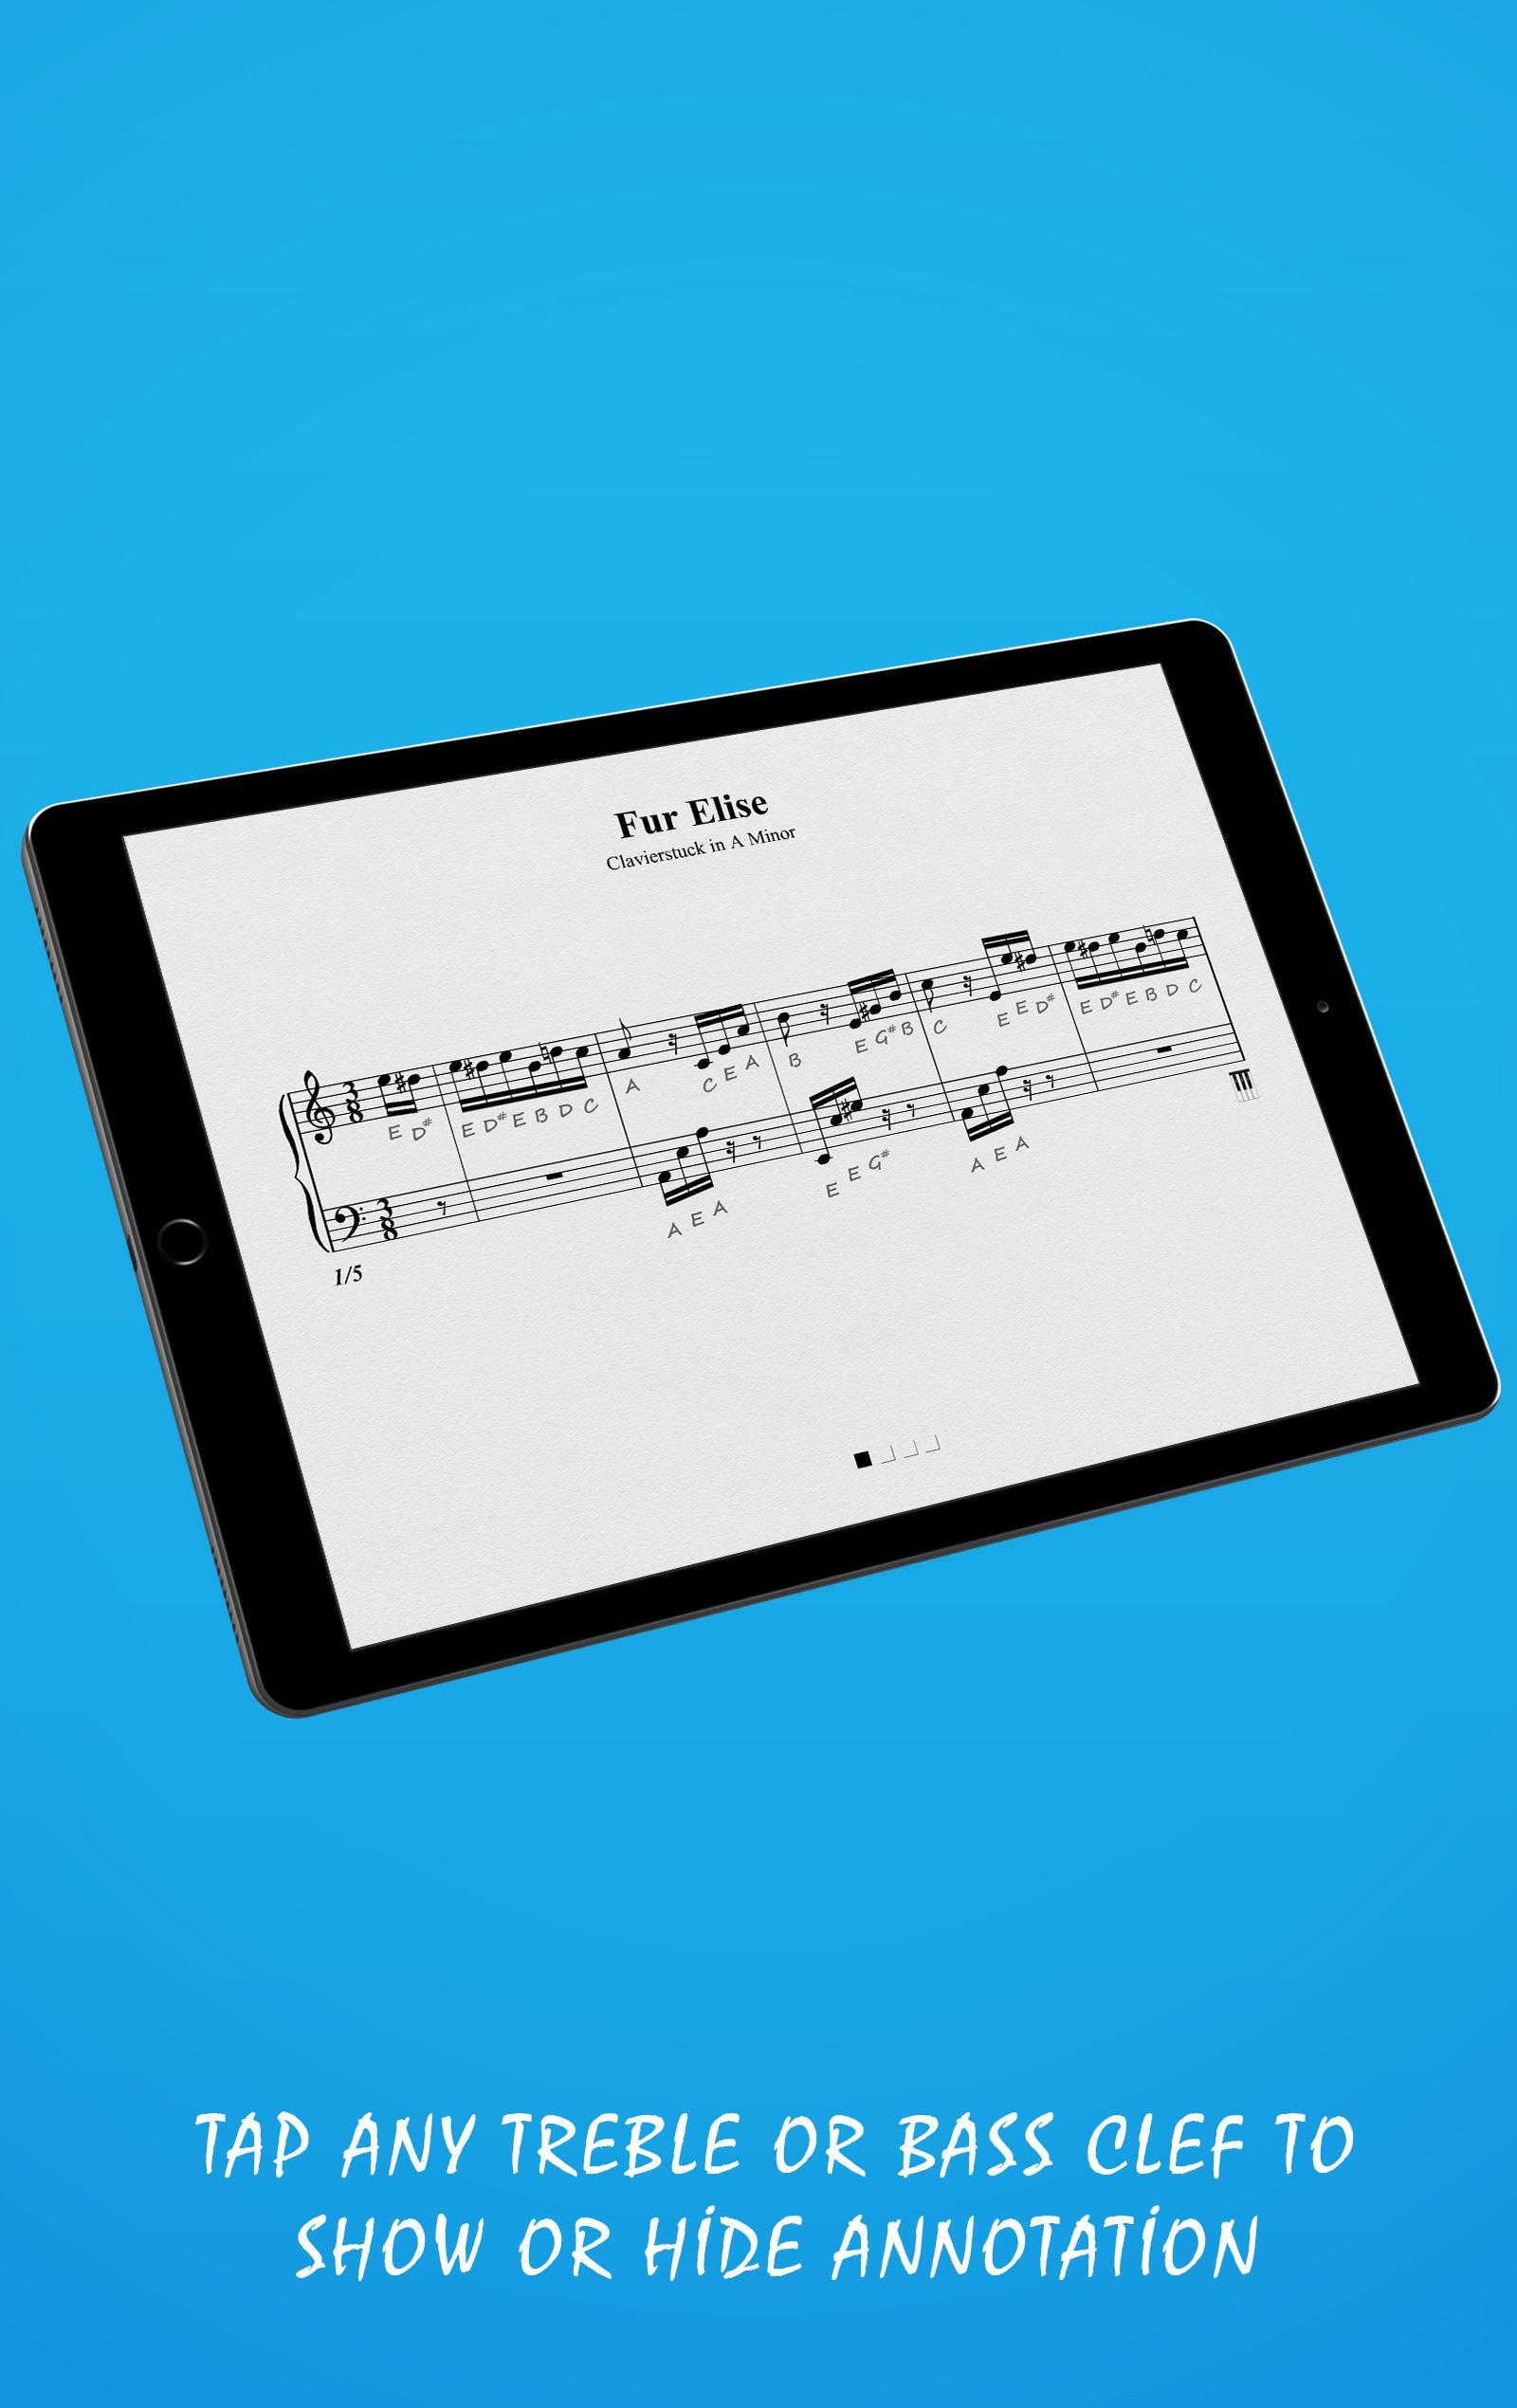 Fur Elise Landscape Mode (Tablet)